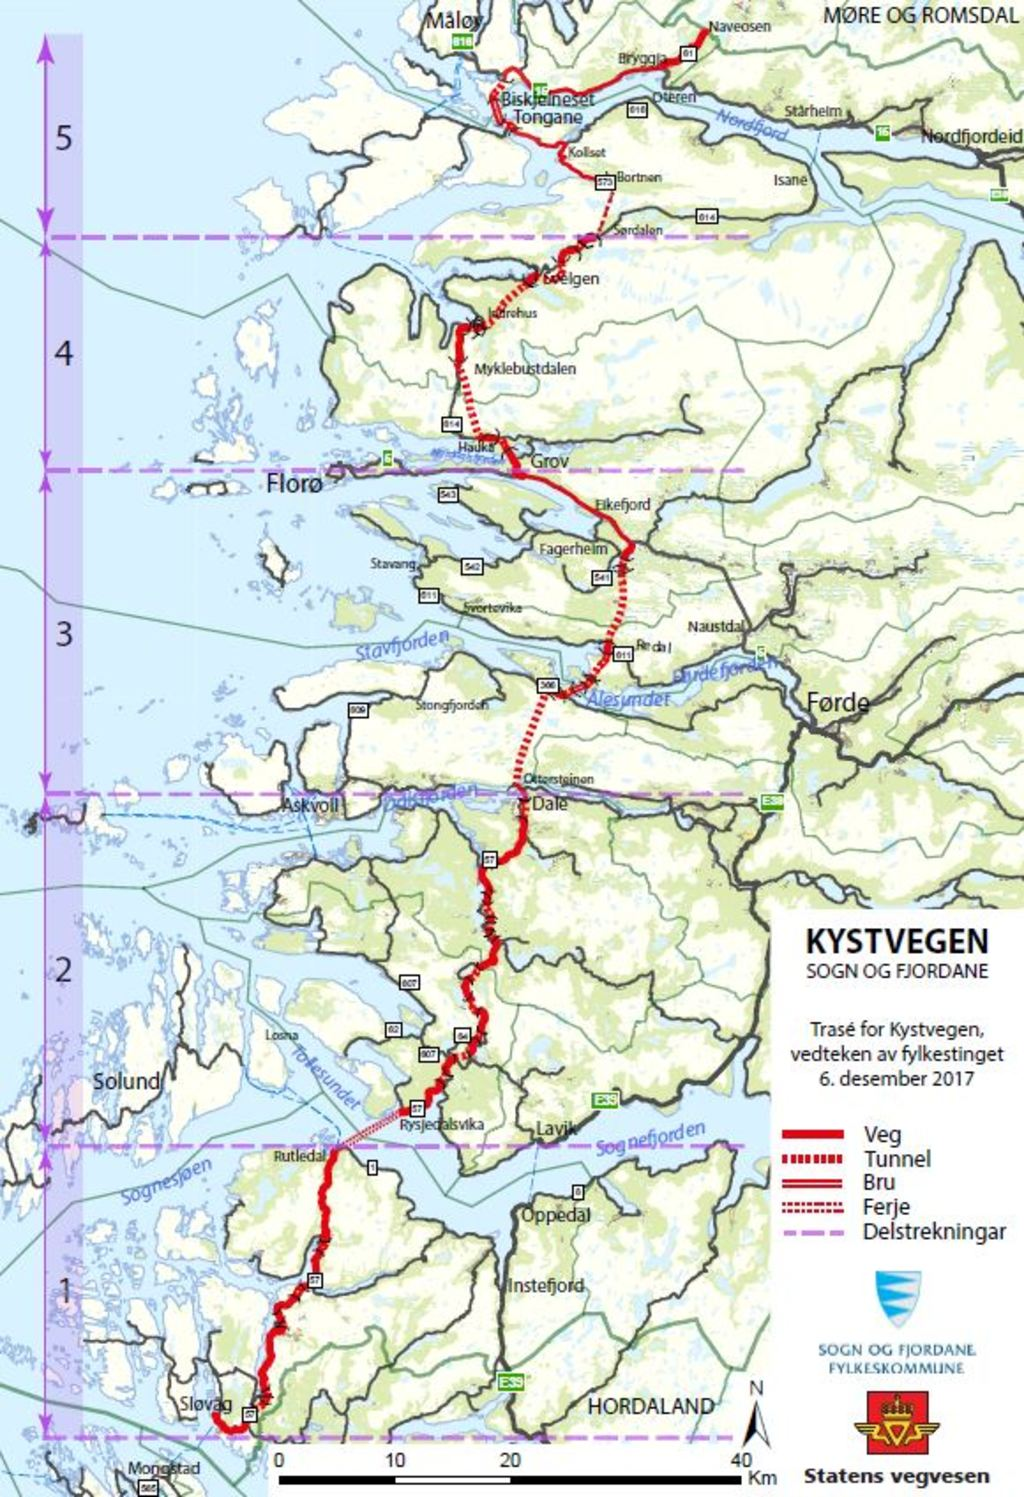 Illustrasjon av eit kart av Sogn og Fjordane, der den framtidige traseen for kystvegen gjennom fylket er teikna inn med raudt.